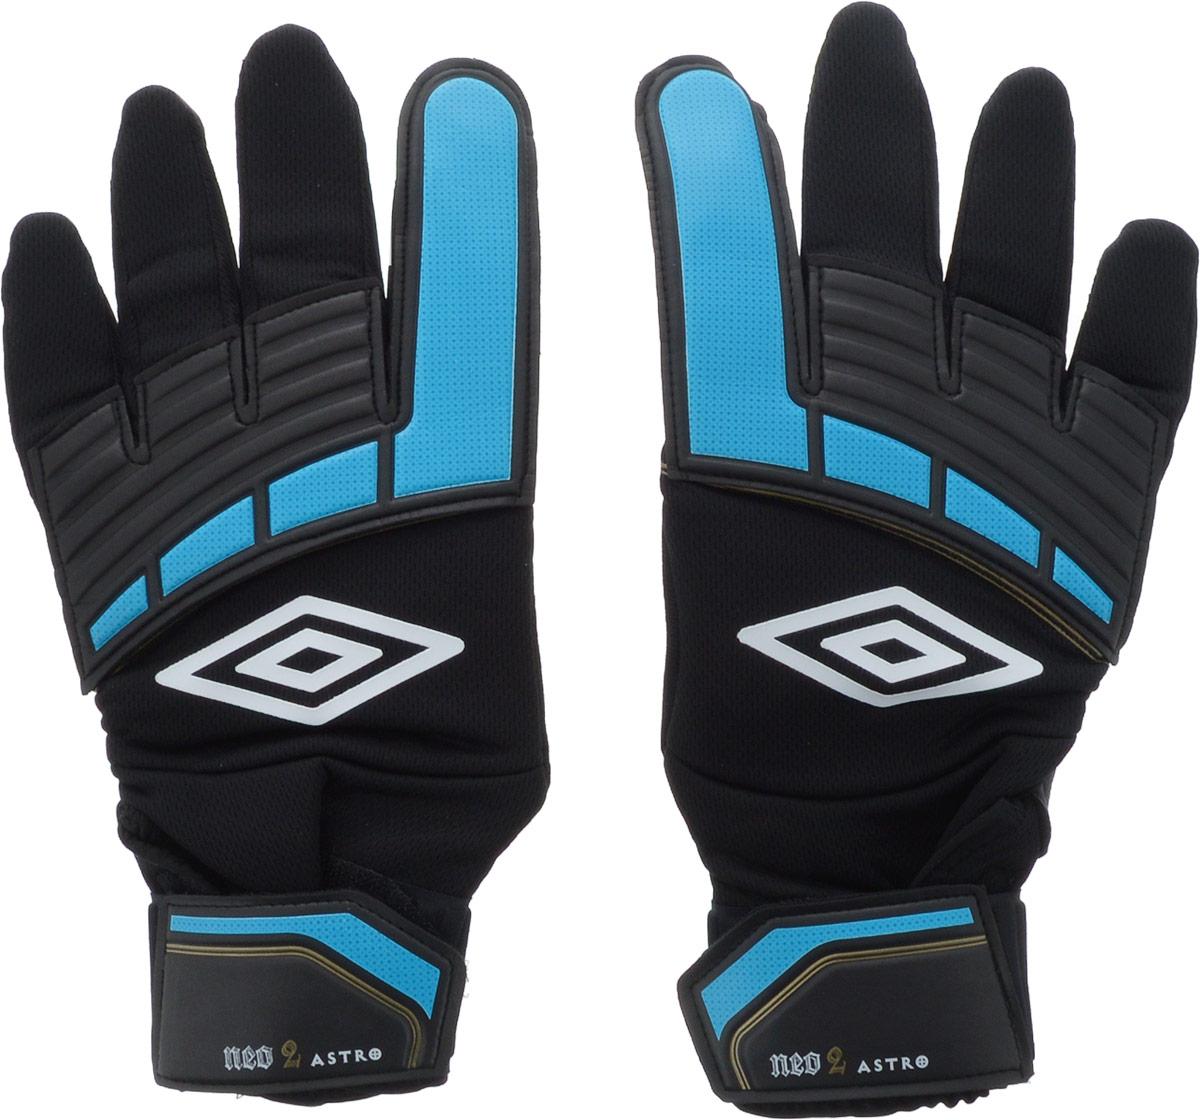 Перчатки вратарские Umbro Neo Astro Glove, цвет: черный, синий, золотой. Размер 1120431UПерчатки вратарские для игроков разного уровня подготовки. Ладонь из латекса 3мм. Вставки из сетки для вентиляции. Эмбоссированная защита зоны удара.